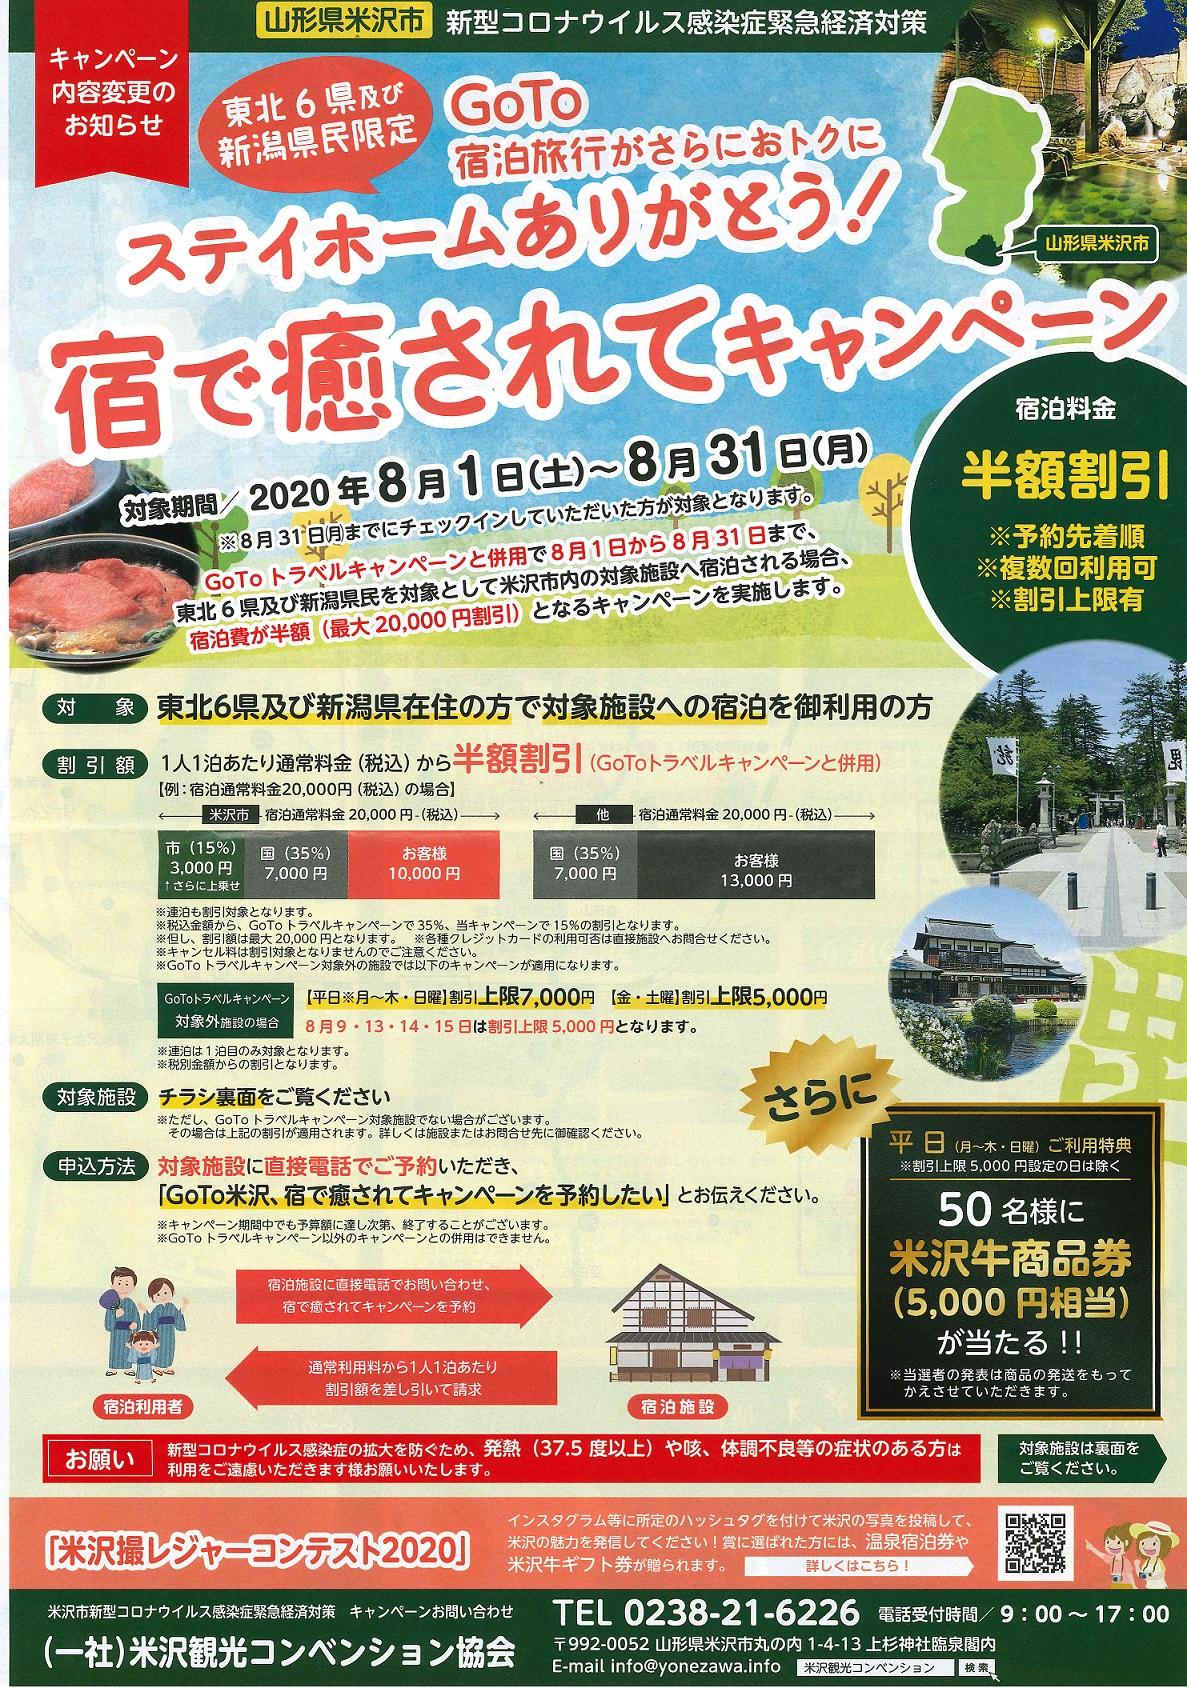 東北6県・新潟県民限定 Go to併用で更にお得に!宿で癒されてキャンペーンスタート!:画像